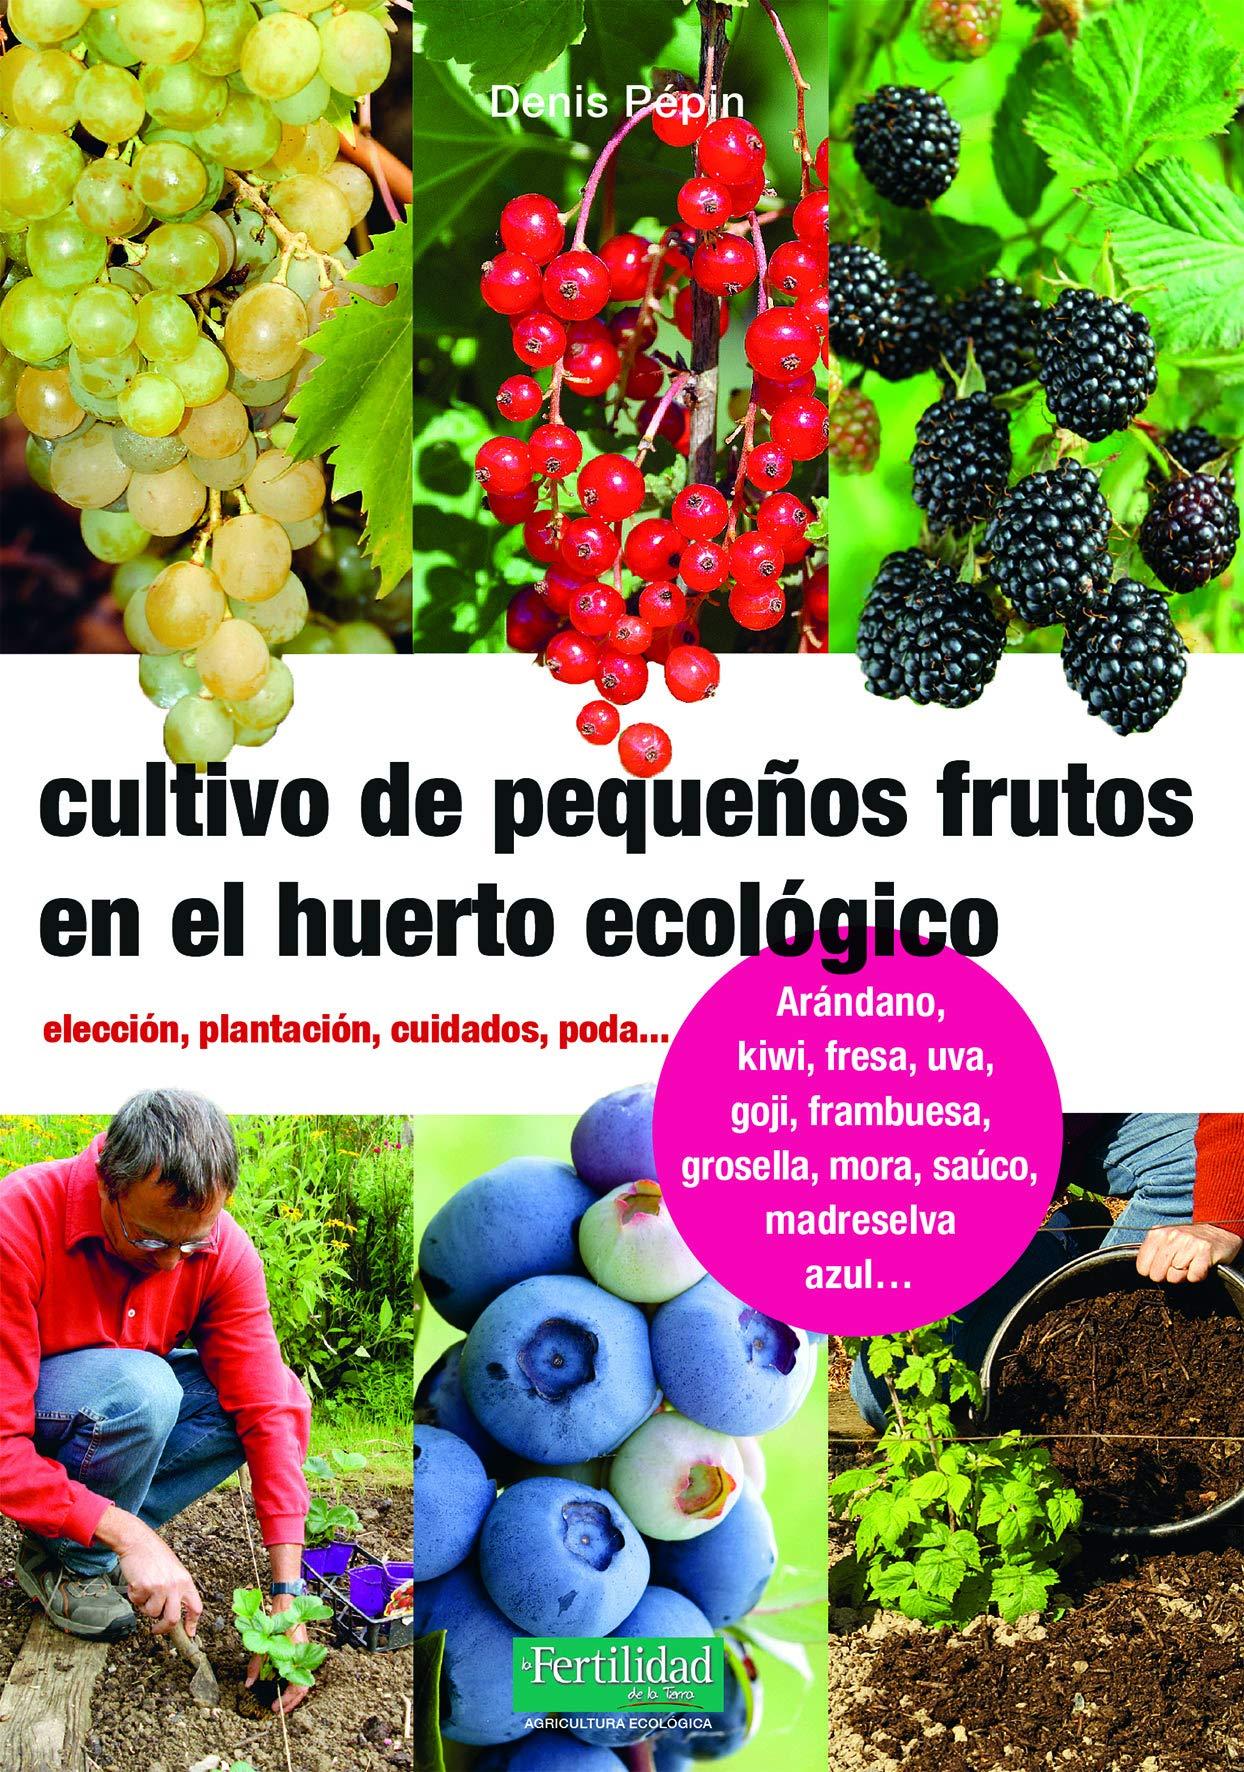 Cultivo de pequeños frutos en el huerto ecológico: Elección ...